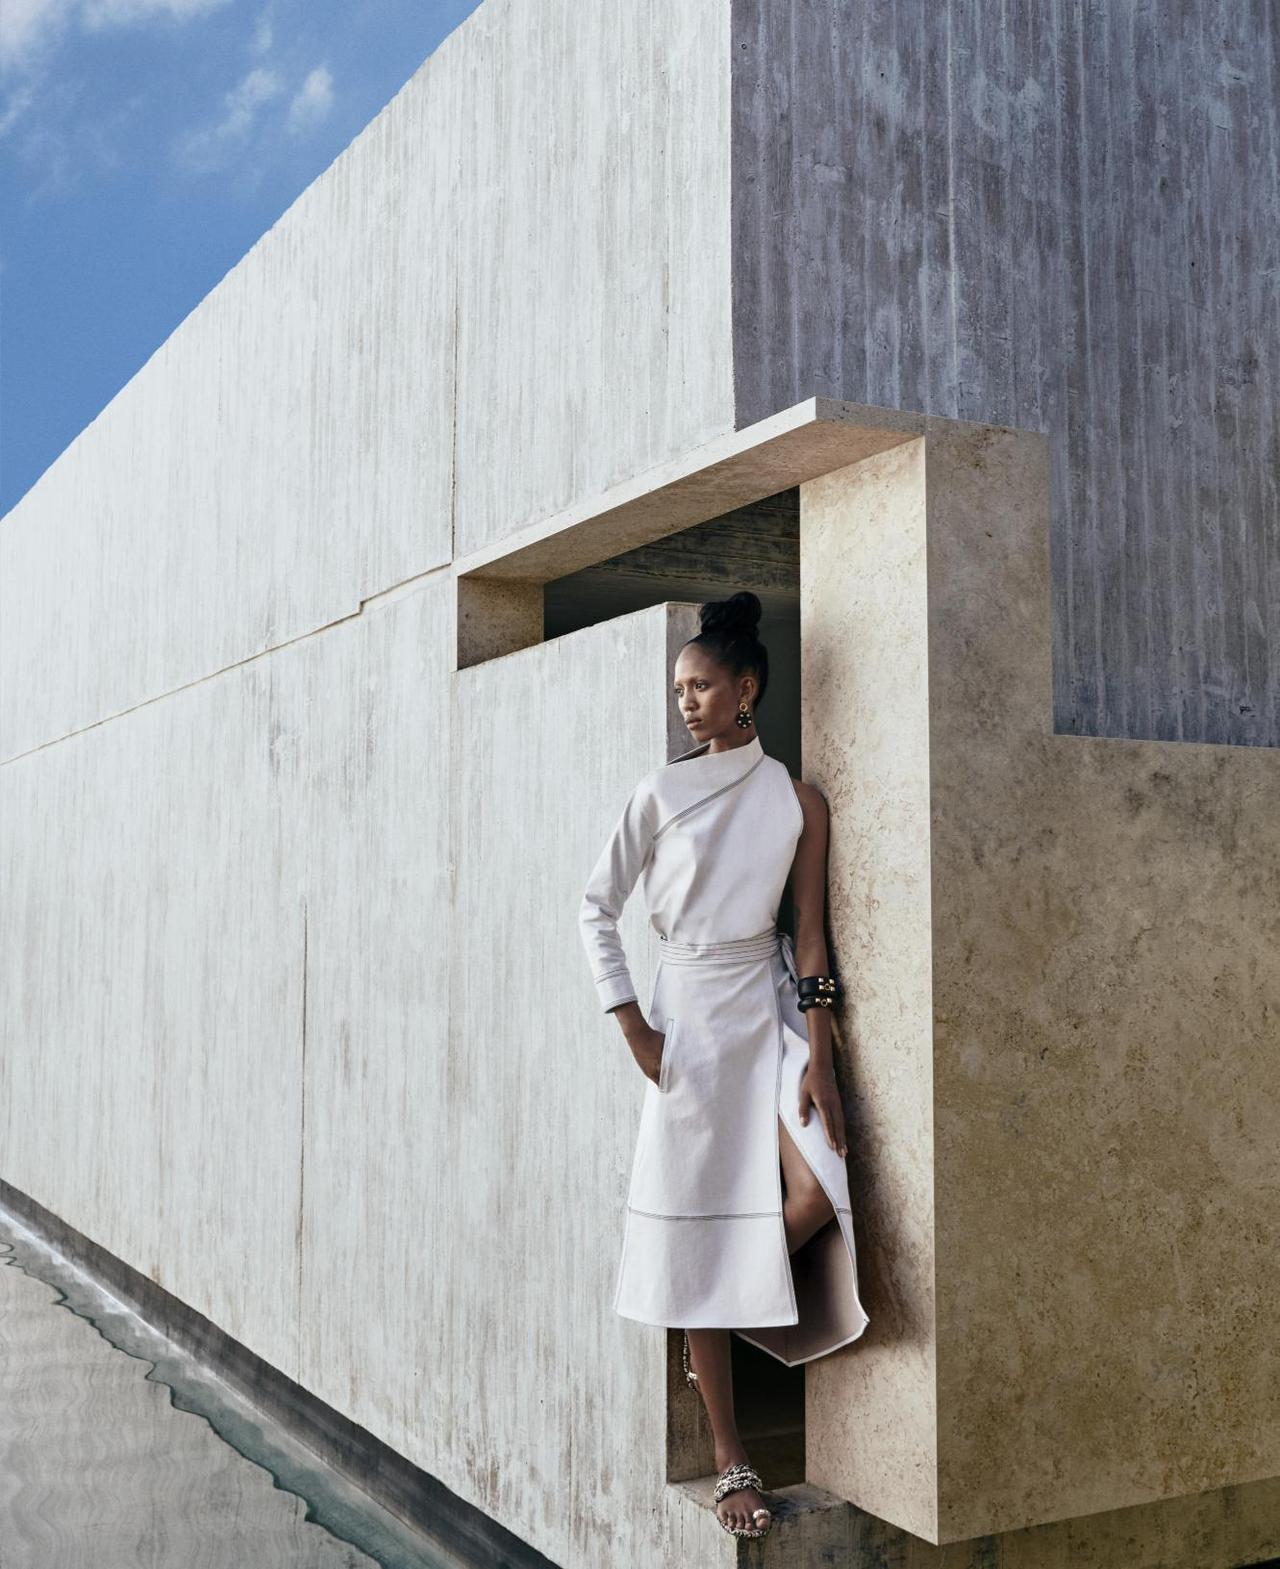 Adesuwa-Aighewi-Sebastian-Kim-Harpers-Bazaar- US-April-2019- (10).jpg